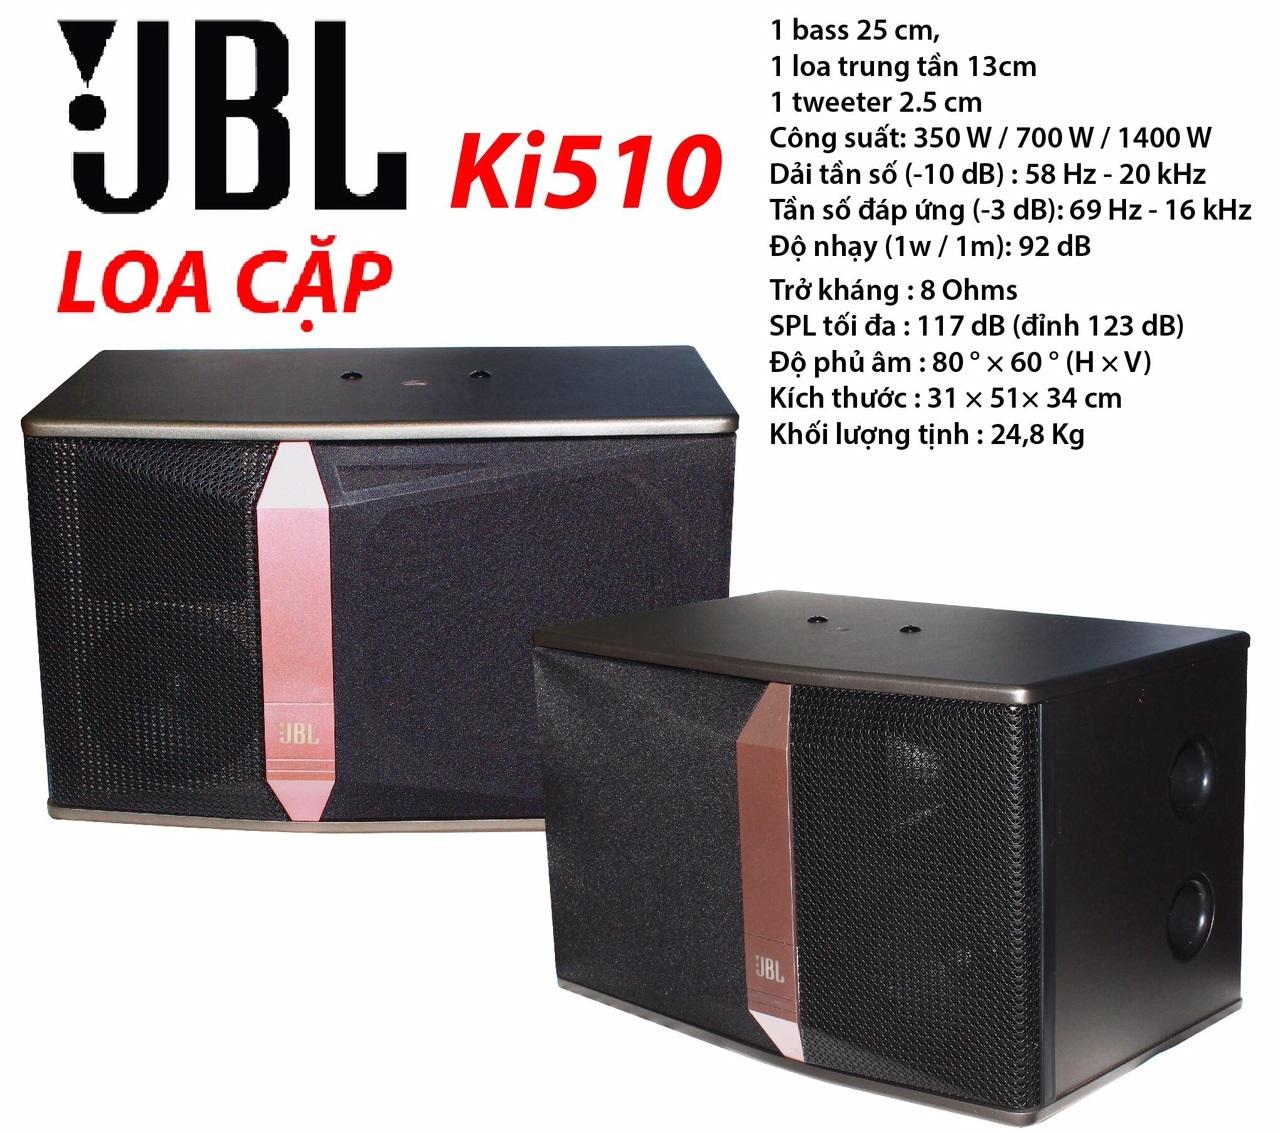 Loạt lý do nên chọn mua loa karaoke JBL nhất định phải biết